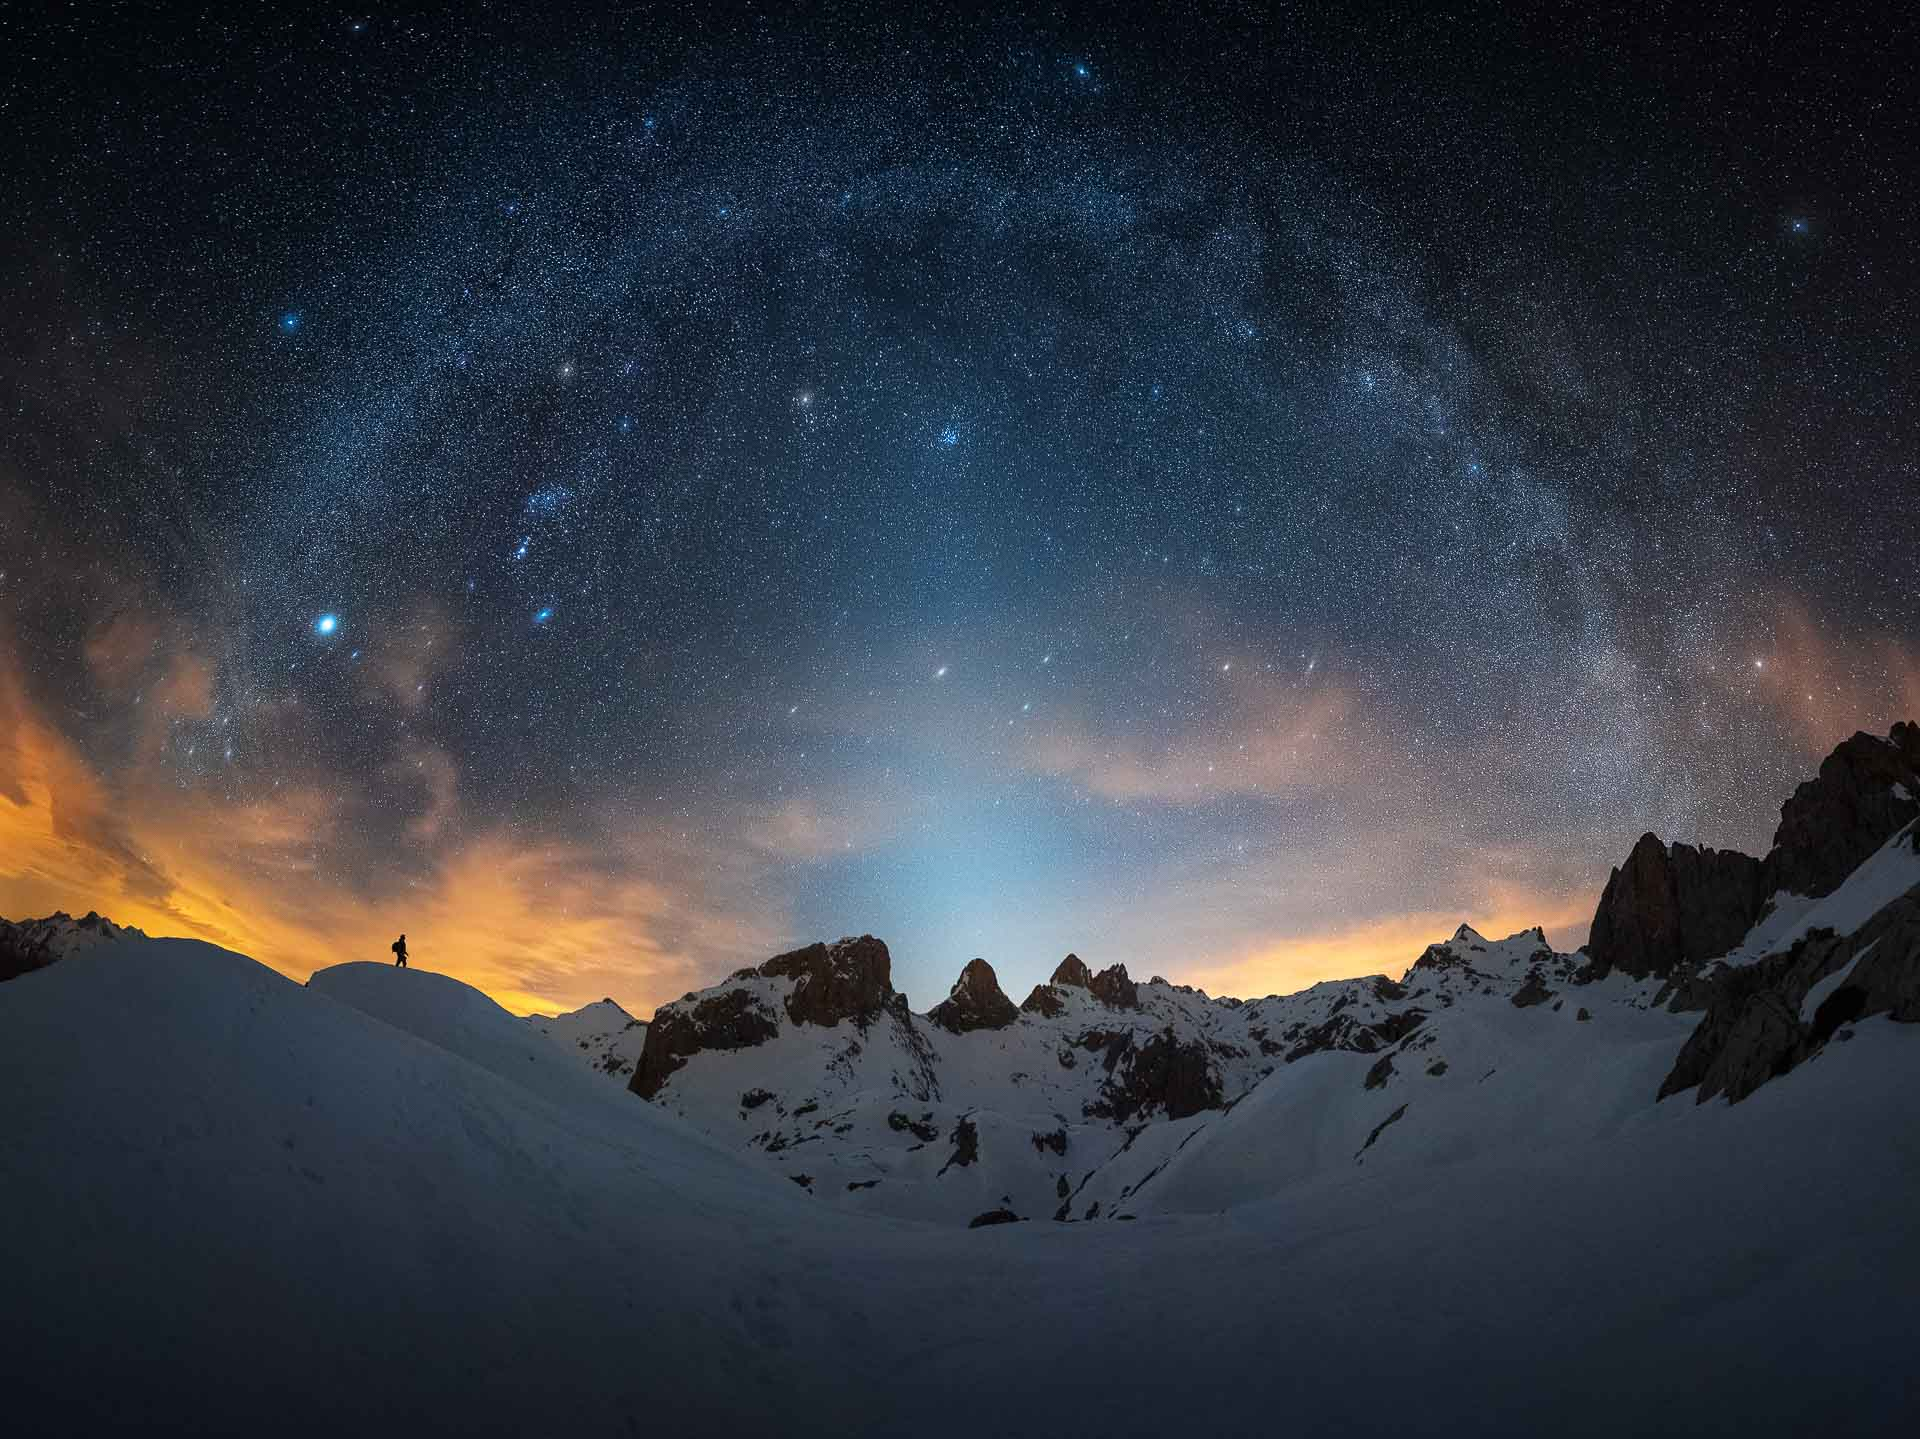 Milky Way Spain Picos de Europa zodiacal light Orion arm